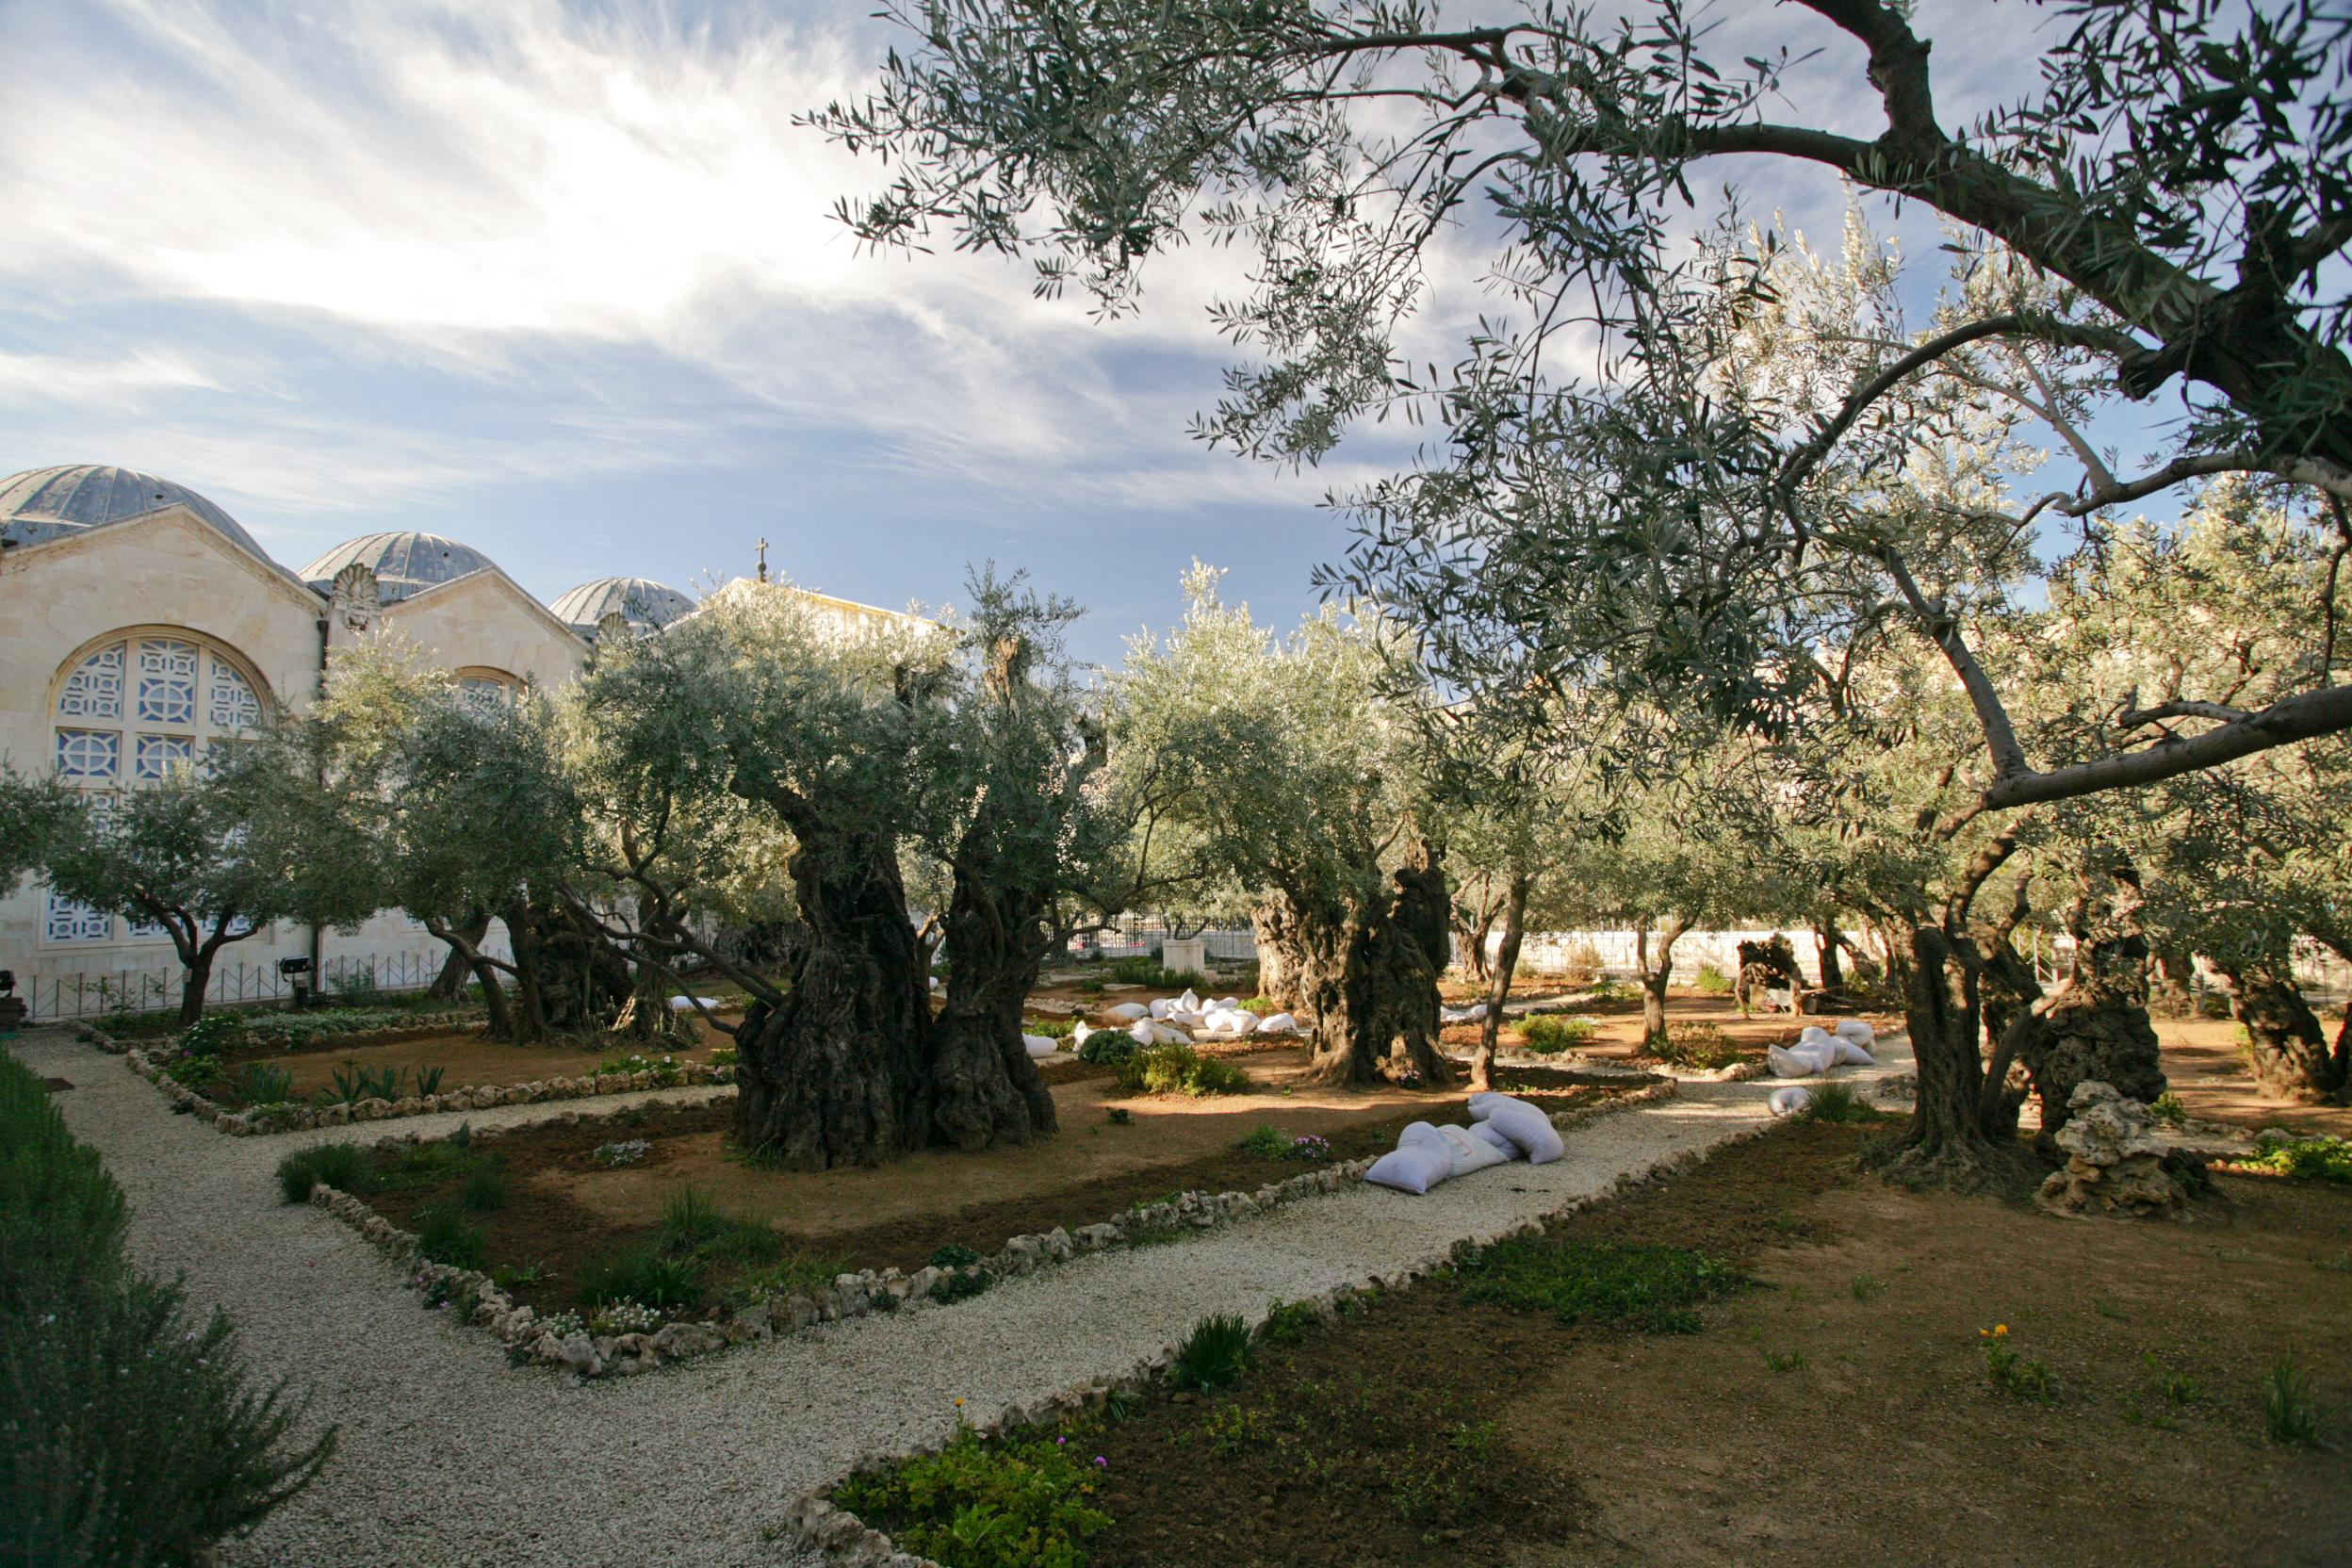 File:Gethsemane Garden (Mount Of Olives)